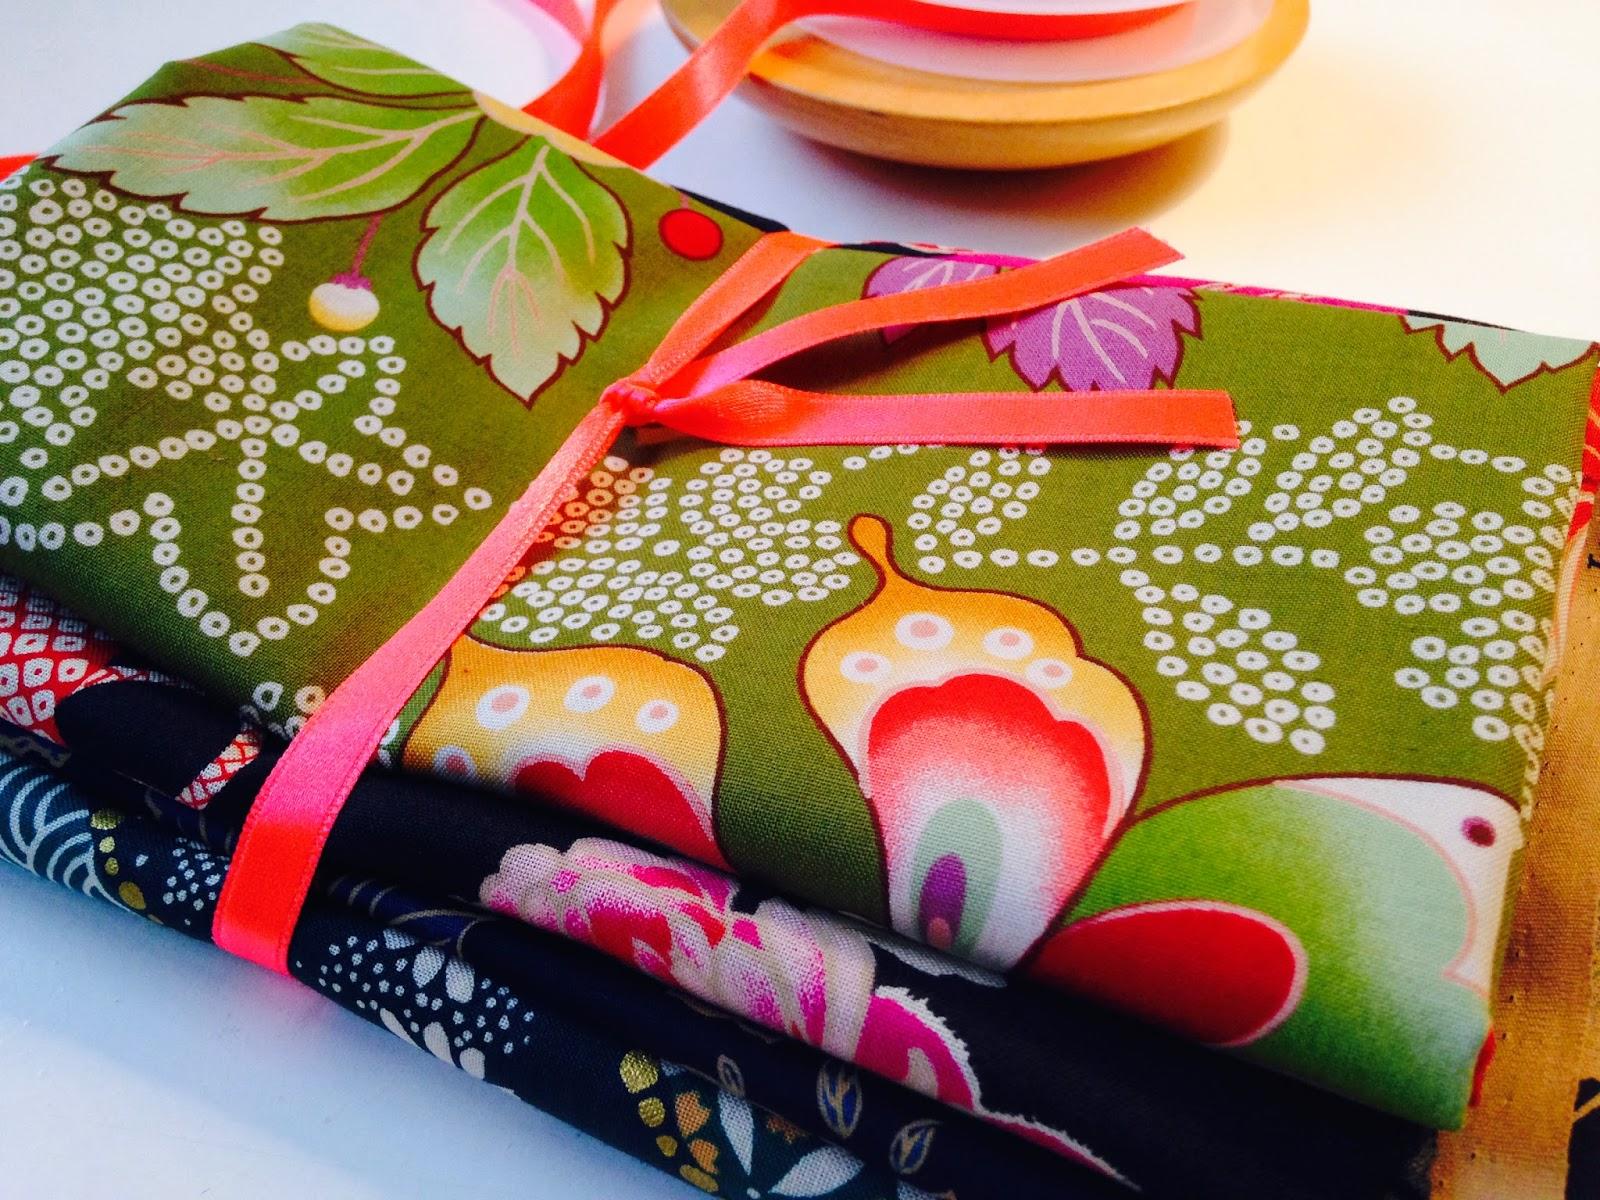 Japanske stoffer der et bundtet sammen med neonfarvet silkebånd